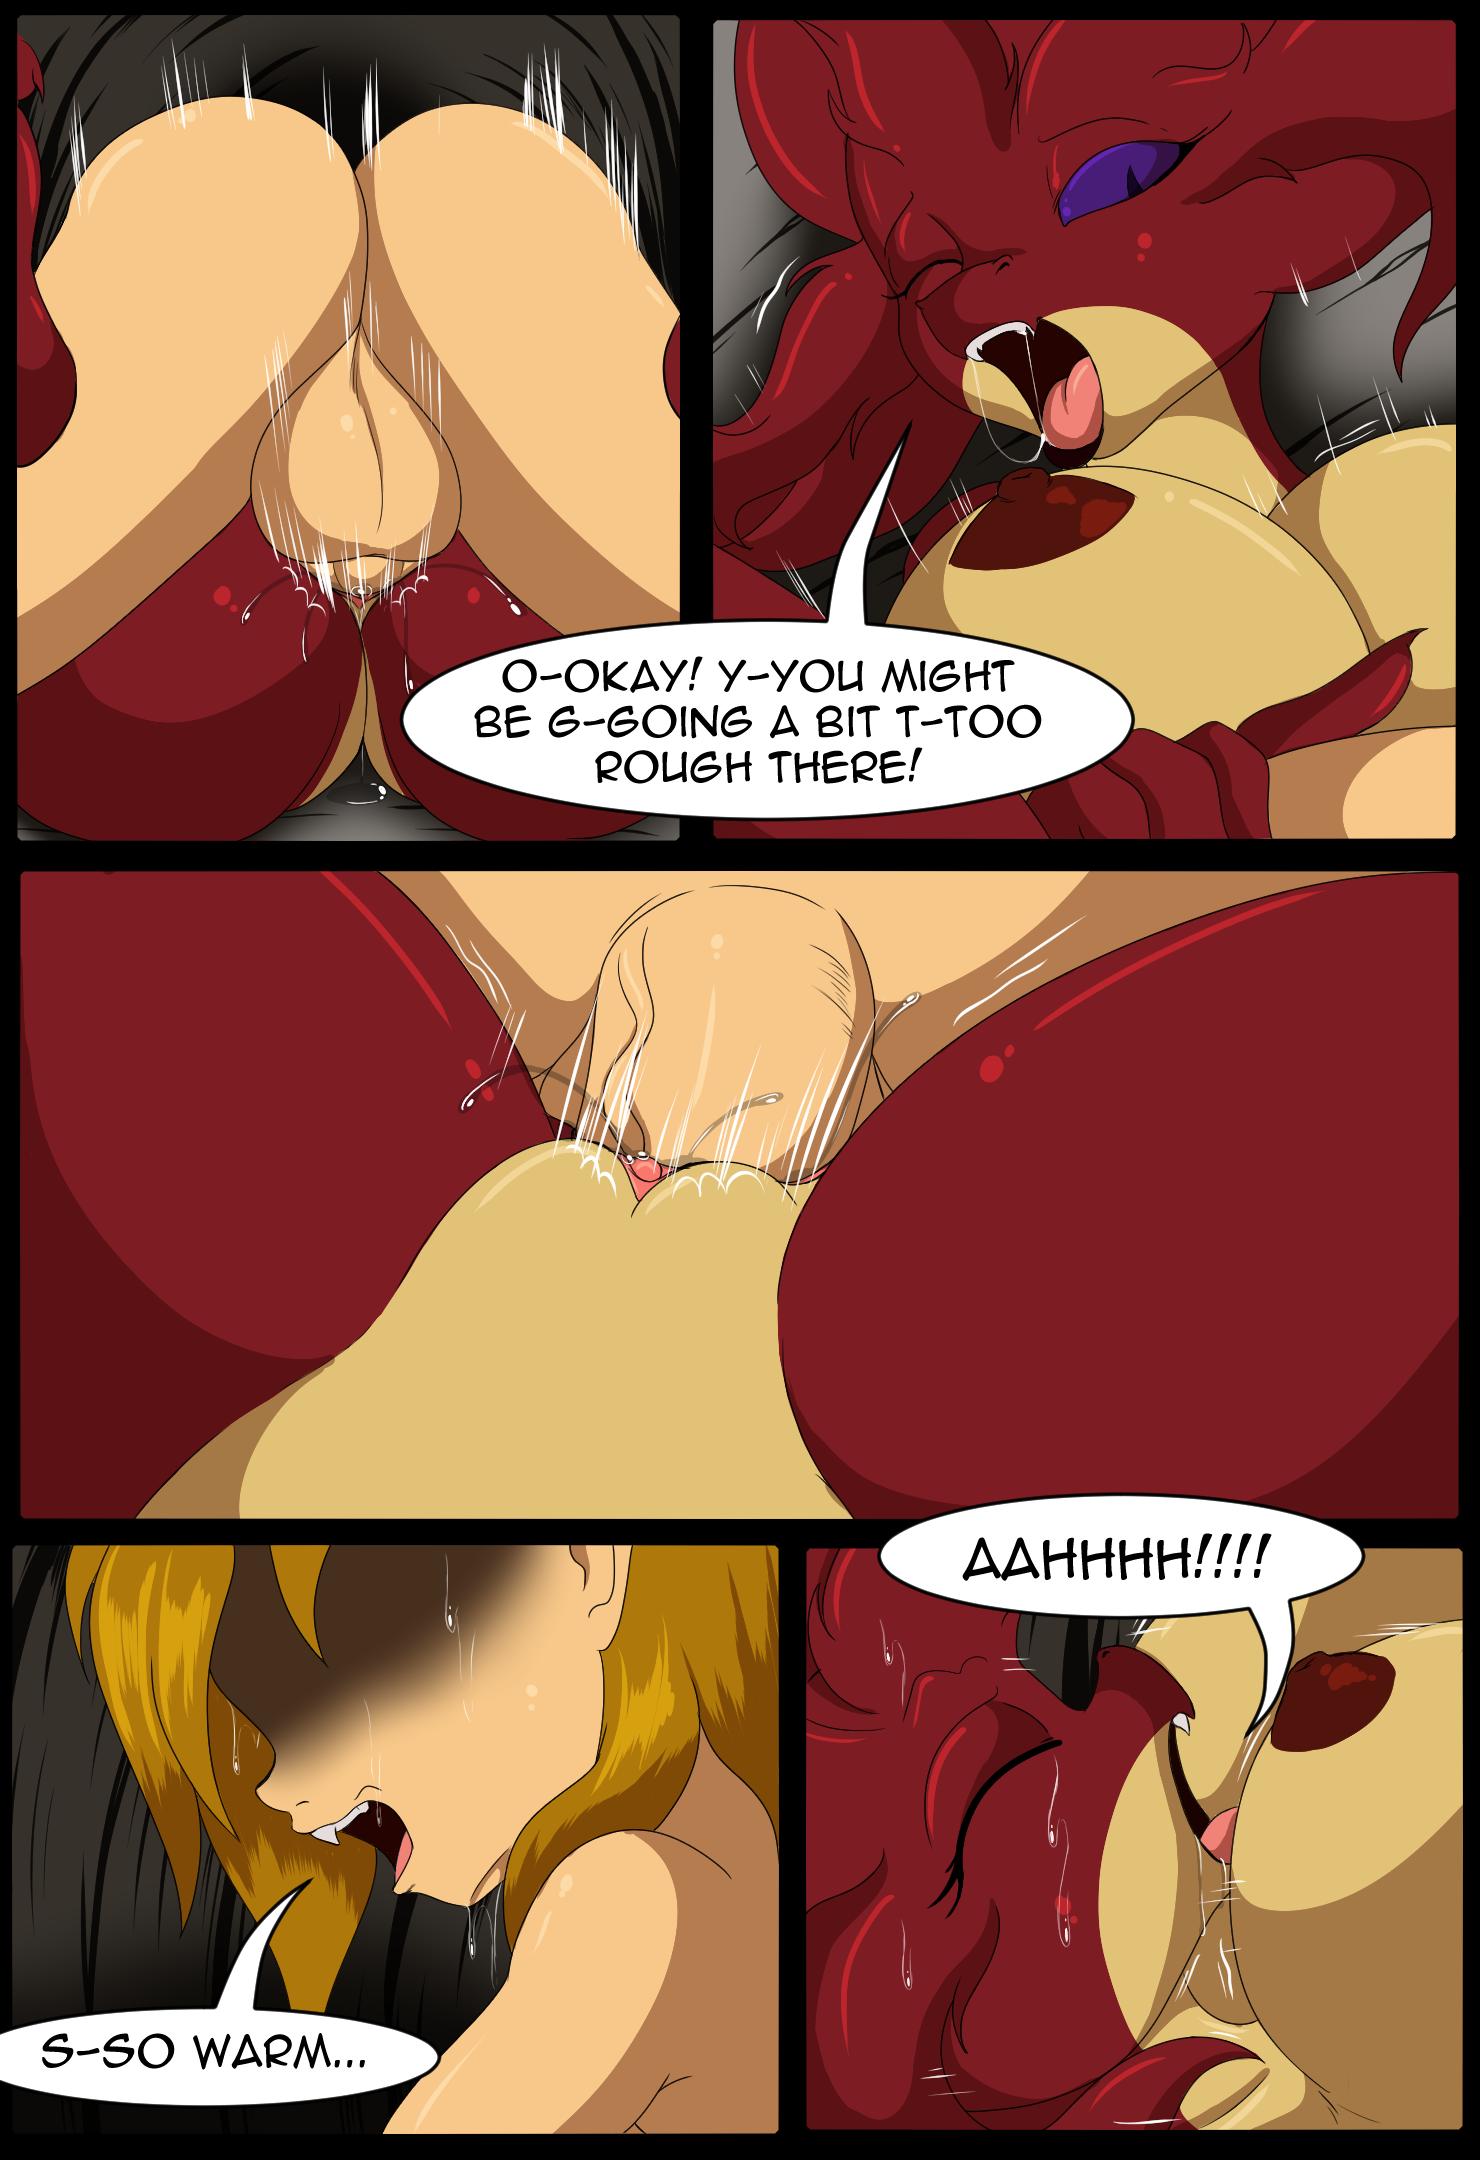 Trial porn comics Oral sex, Big Tits, Furry